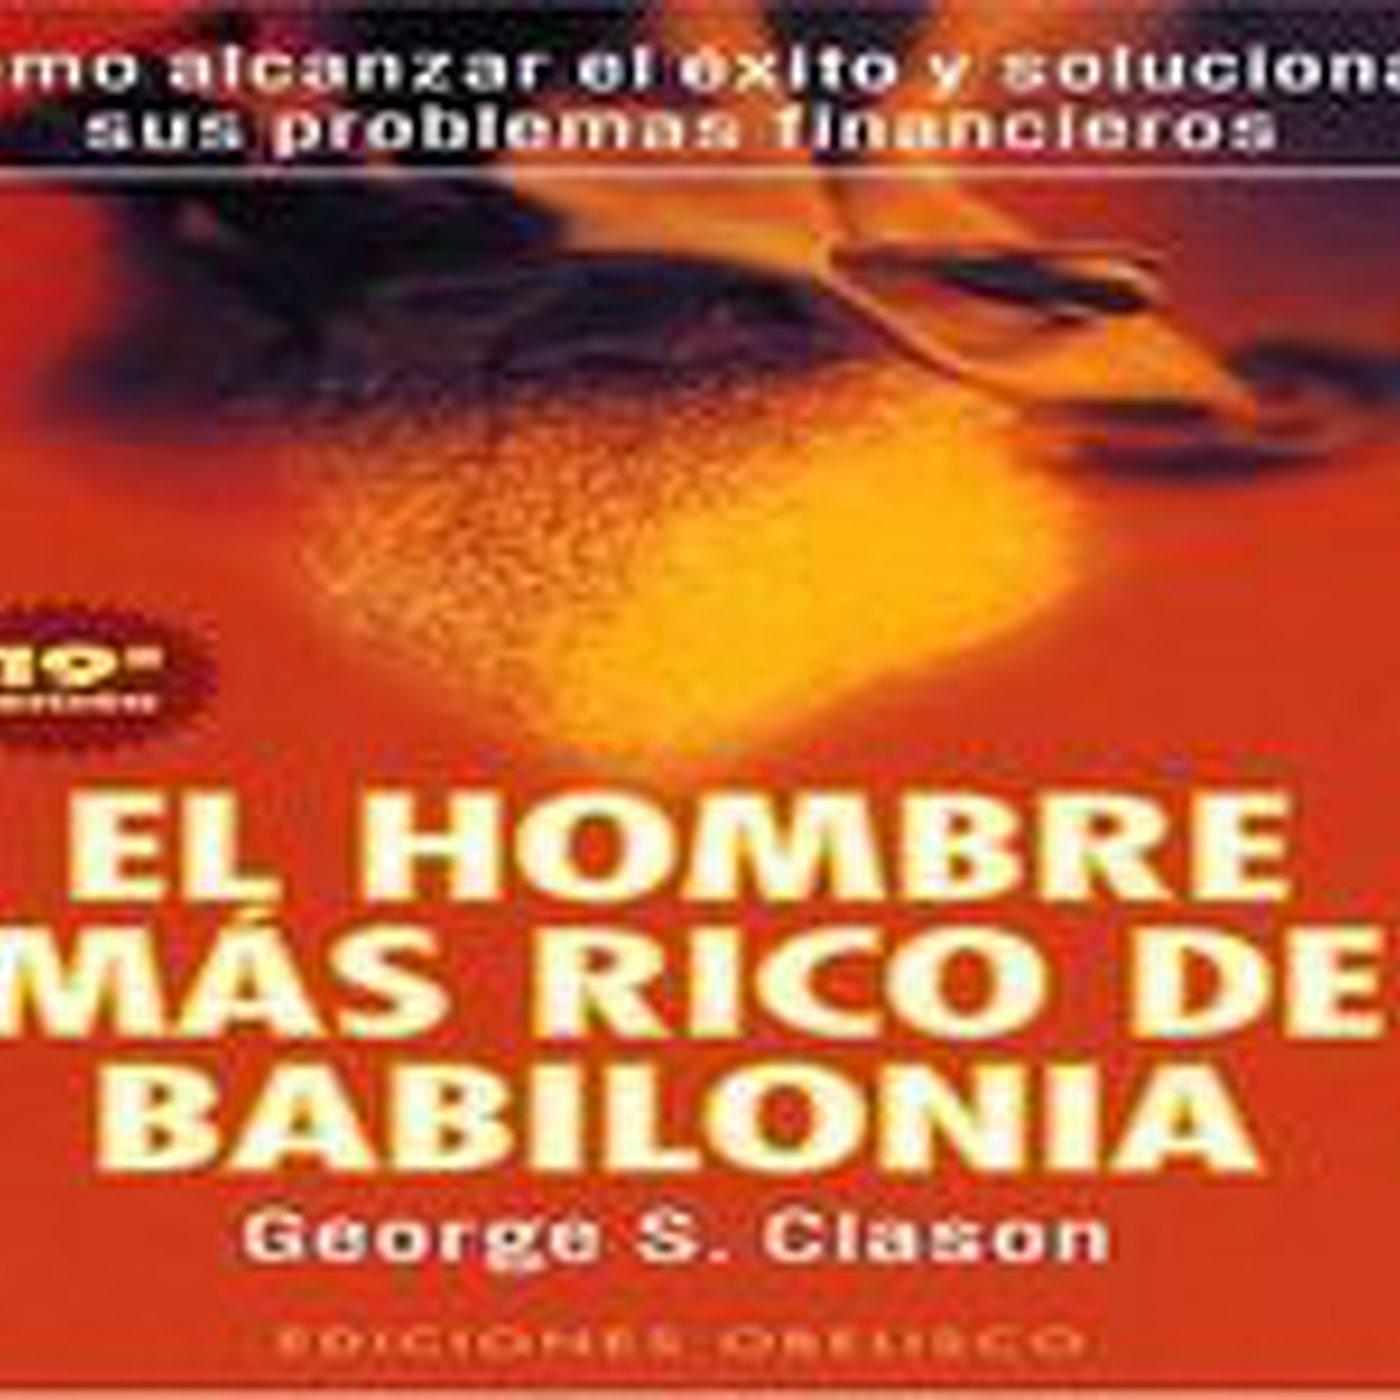 Audiolibro: El hombre mas rico de babilonia - George S. Clason en AUDIOLIBROS: ECONOMÍA Y